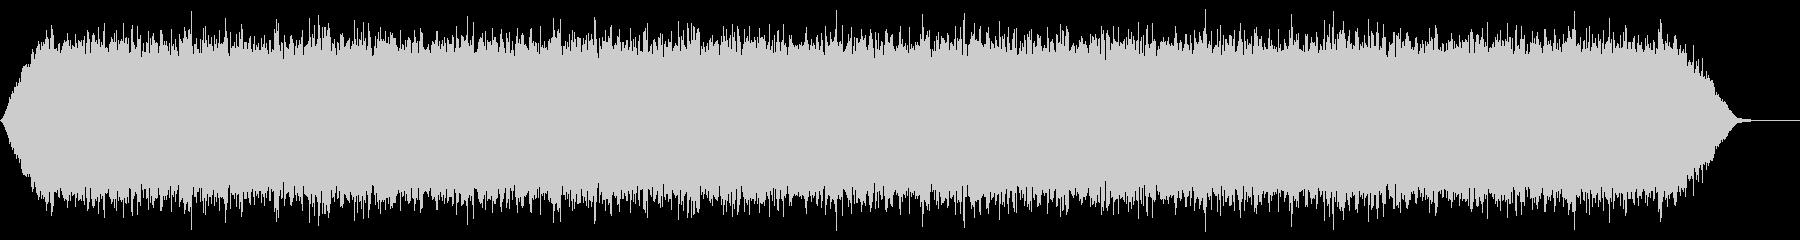 【アンビエント】ドローン_47 実験音の未再生の波形